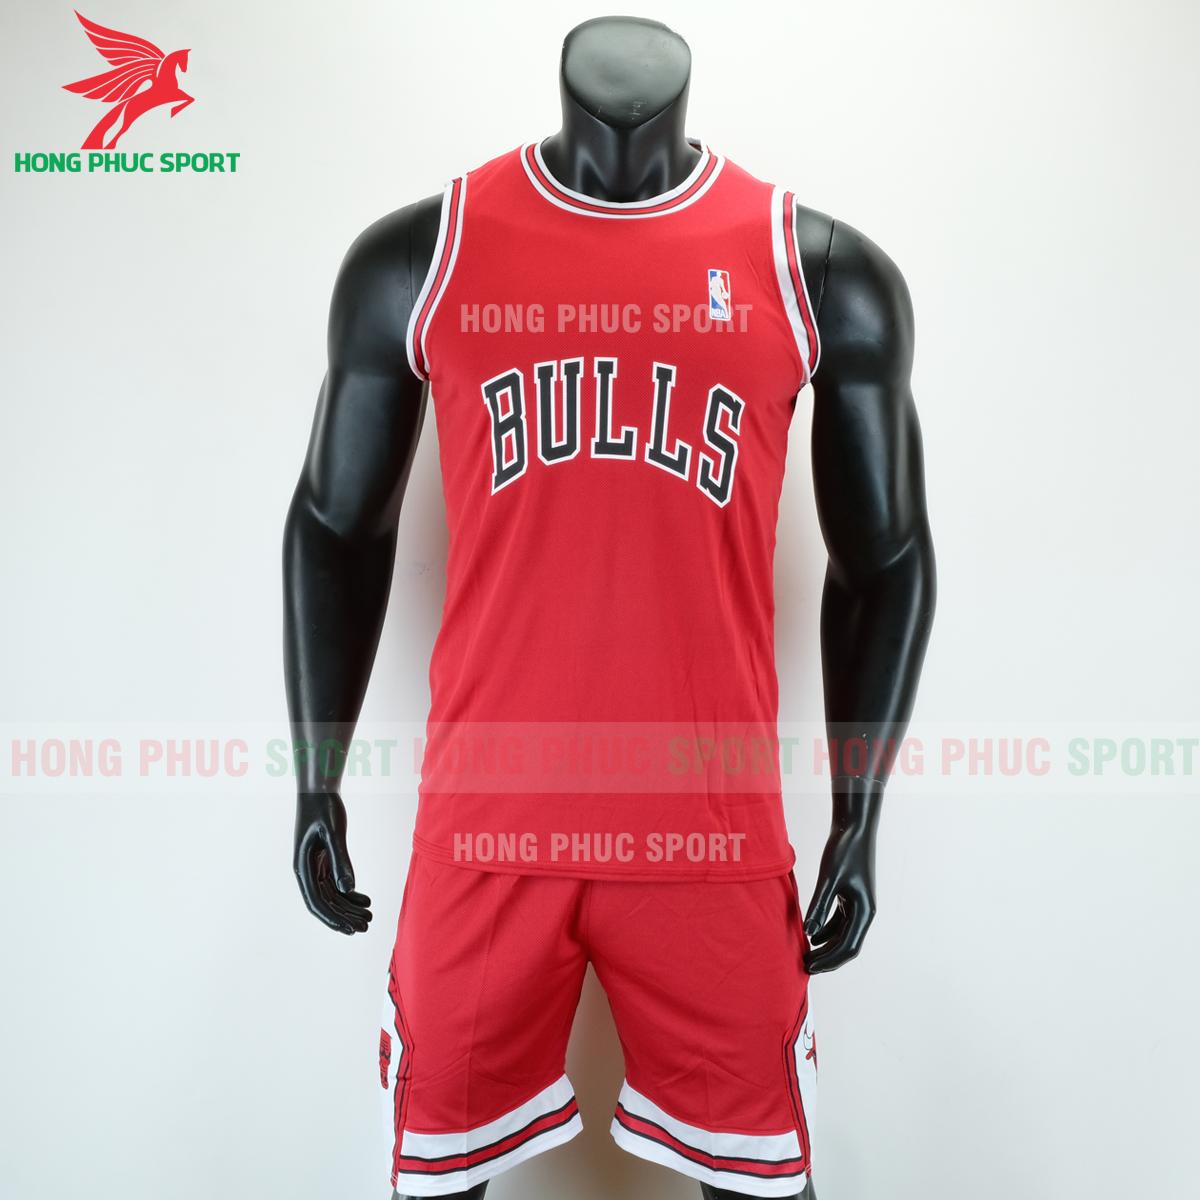 Áo bóng rổ Bulls 2020 màu đỏ (trước)